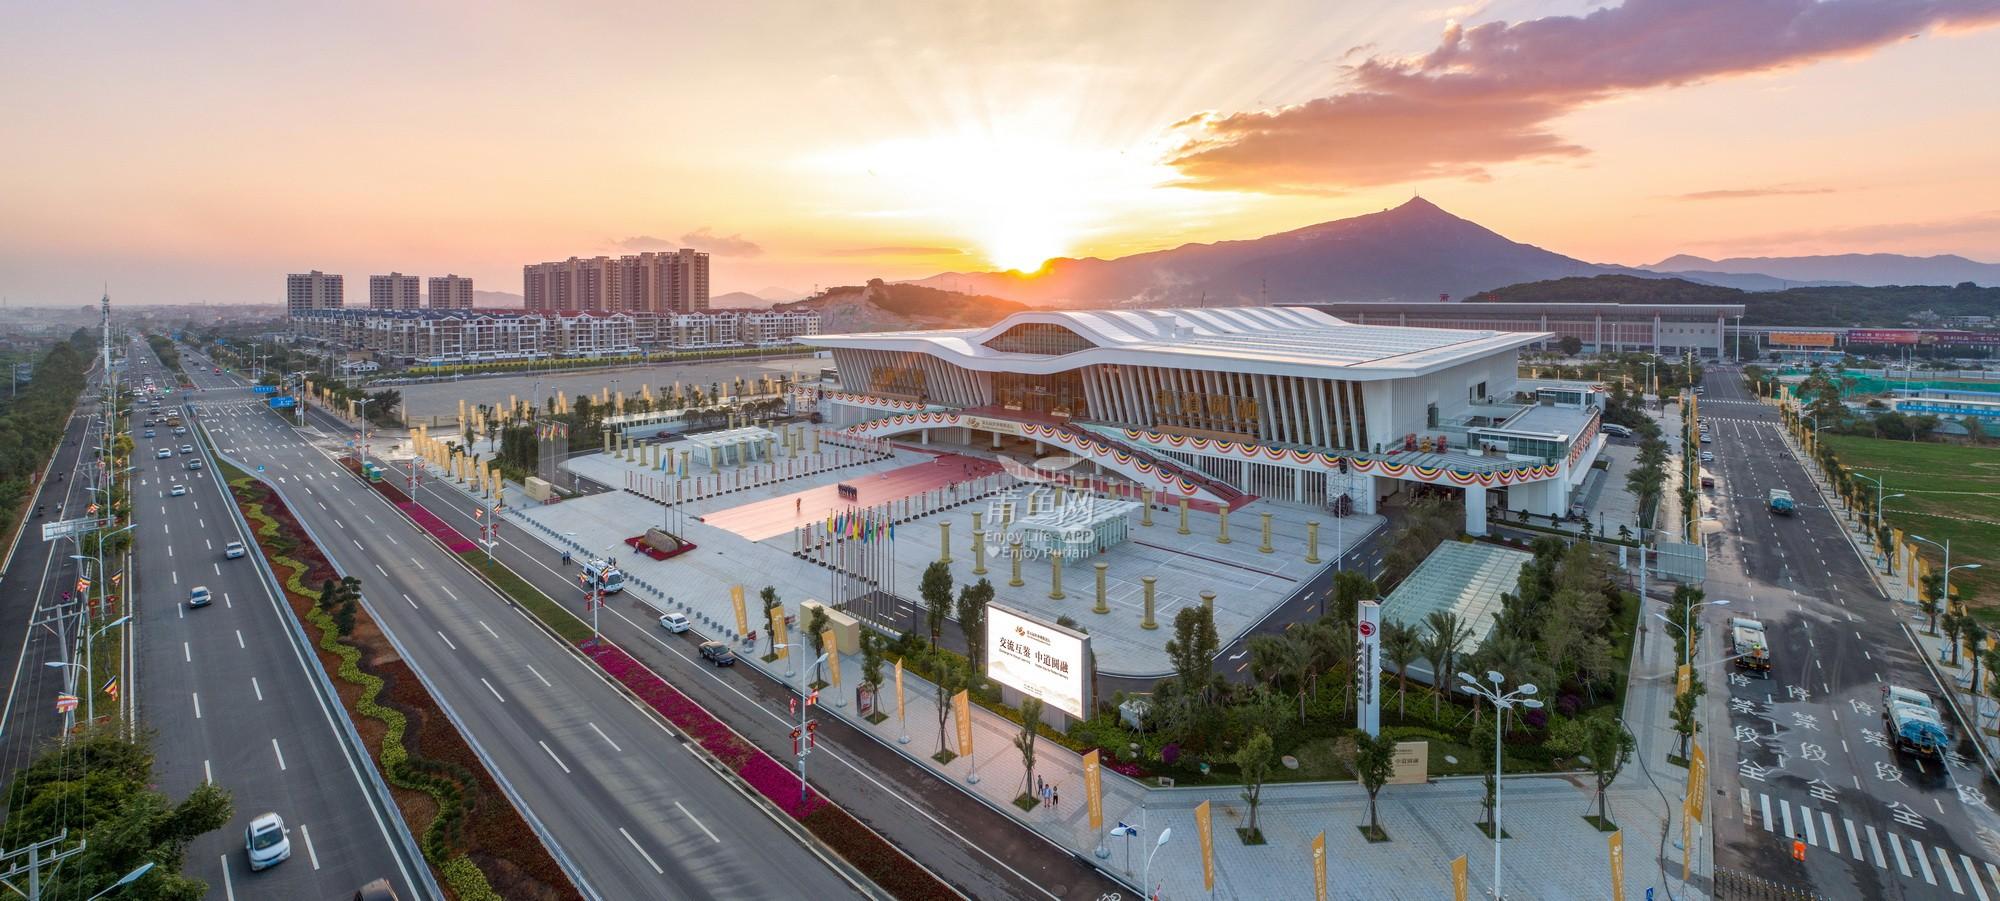 威廉希尔中文网站市会展中心(湄洲日报 蔡昊·摄)